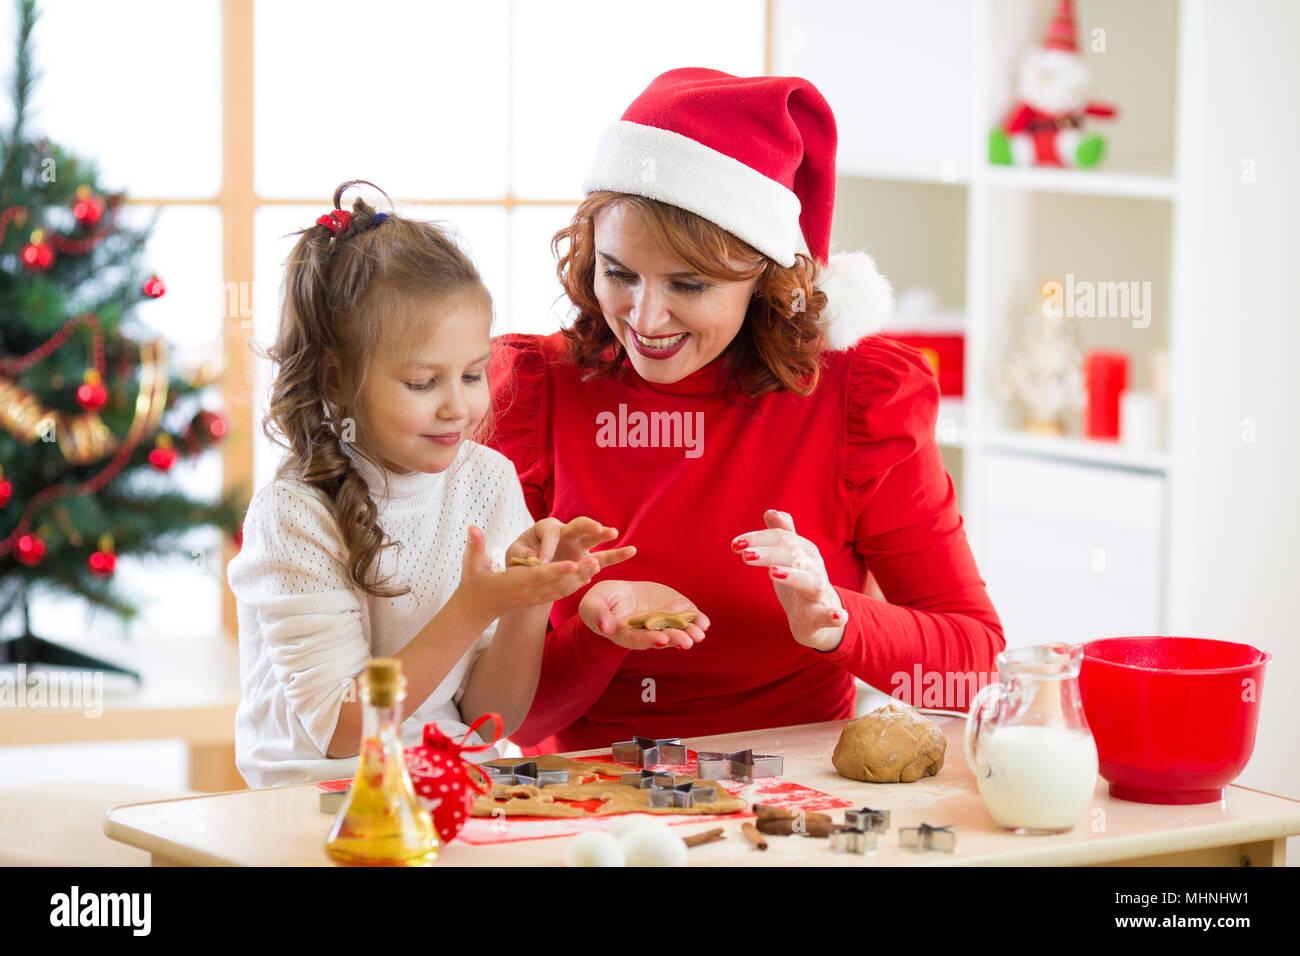 Foto Di Natale Famiglia.Madre E Figlia La Cottura Biscotti Di Natale A Decorate